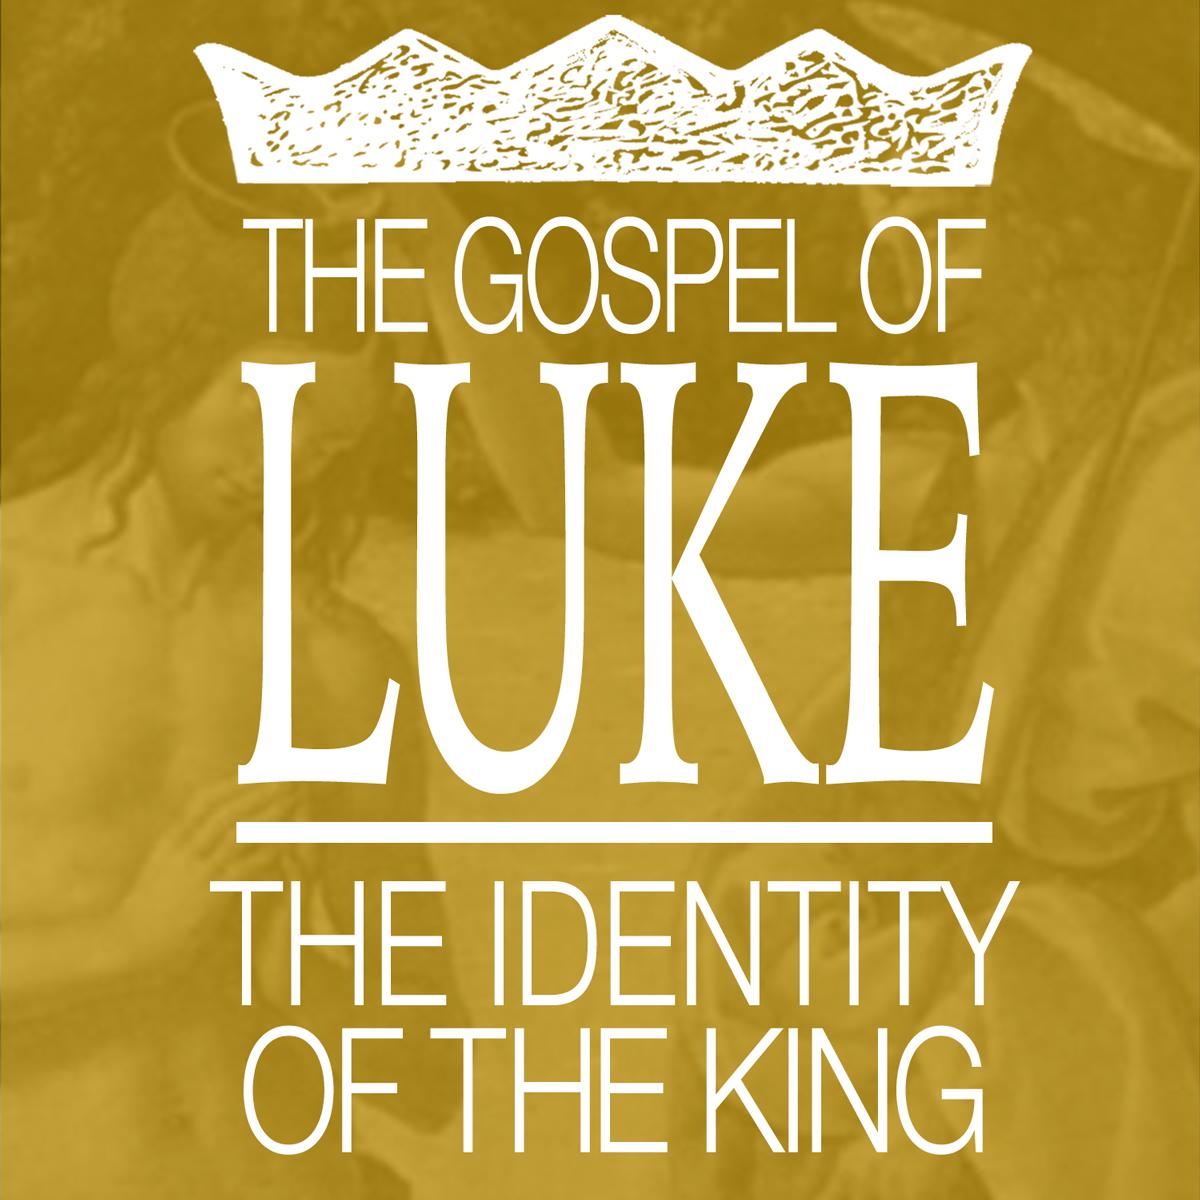 17-luke-identity-of-the-king.jpg